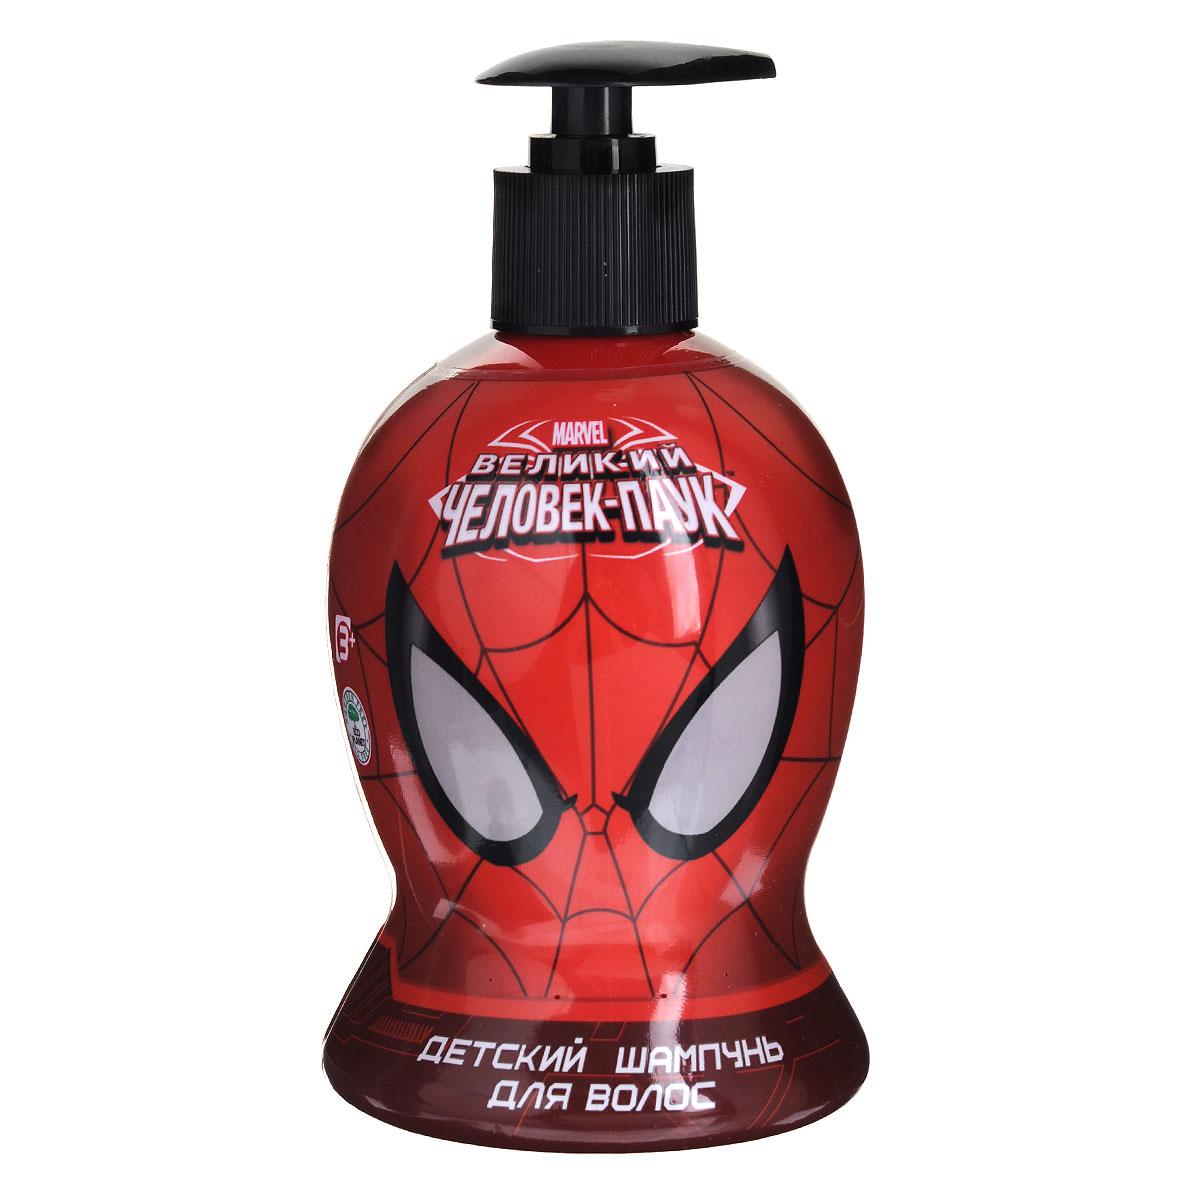 Spider-Man Шампунь Black is Black, детский, 480 млFS-54102Шампунь мягко очищает волосы и кожу головы, одновременно питает их полезными растительными экстрактами. Волосы становятся мягкими, шелковистыми, легко расчесываются. Приятный тонизирующий аромат заряжает великолепным настроением надолго. Линия средств для настоящего супер-героя! Товар сертифицирован.